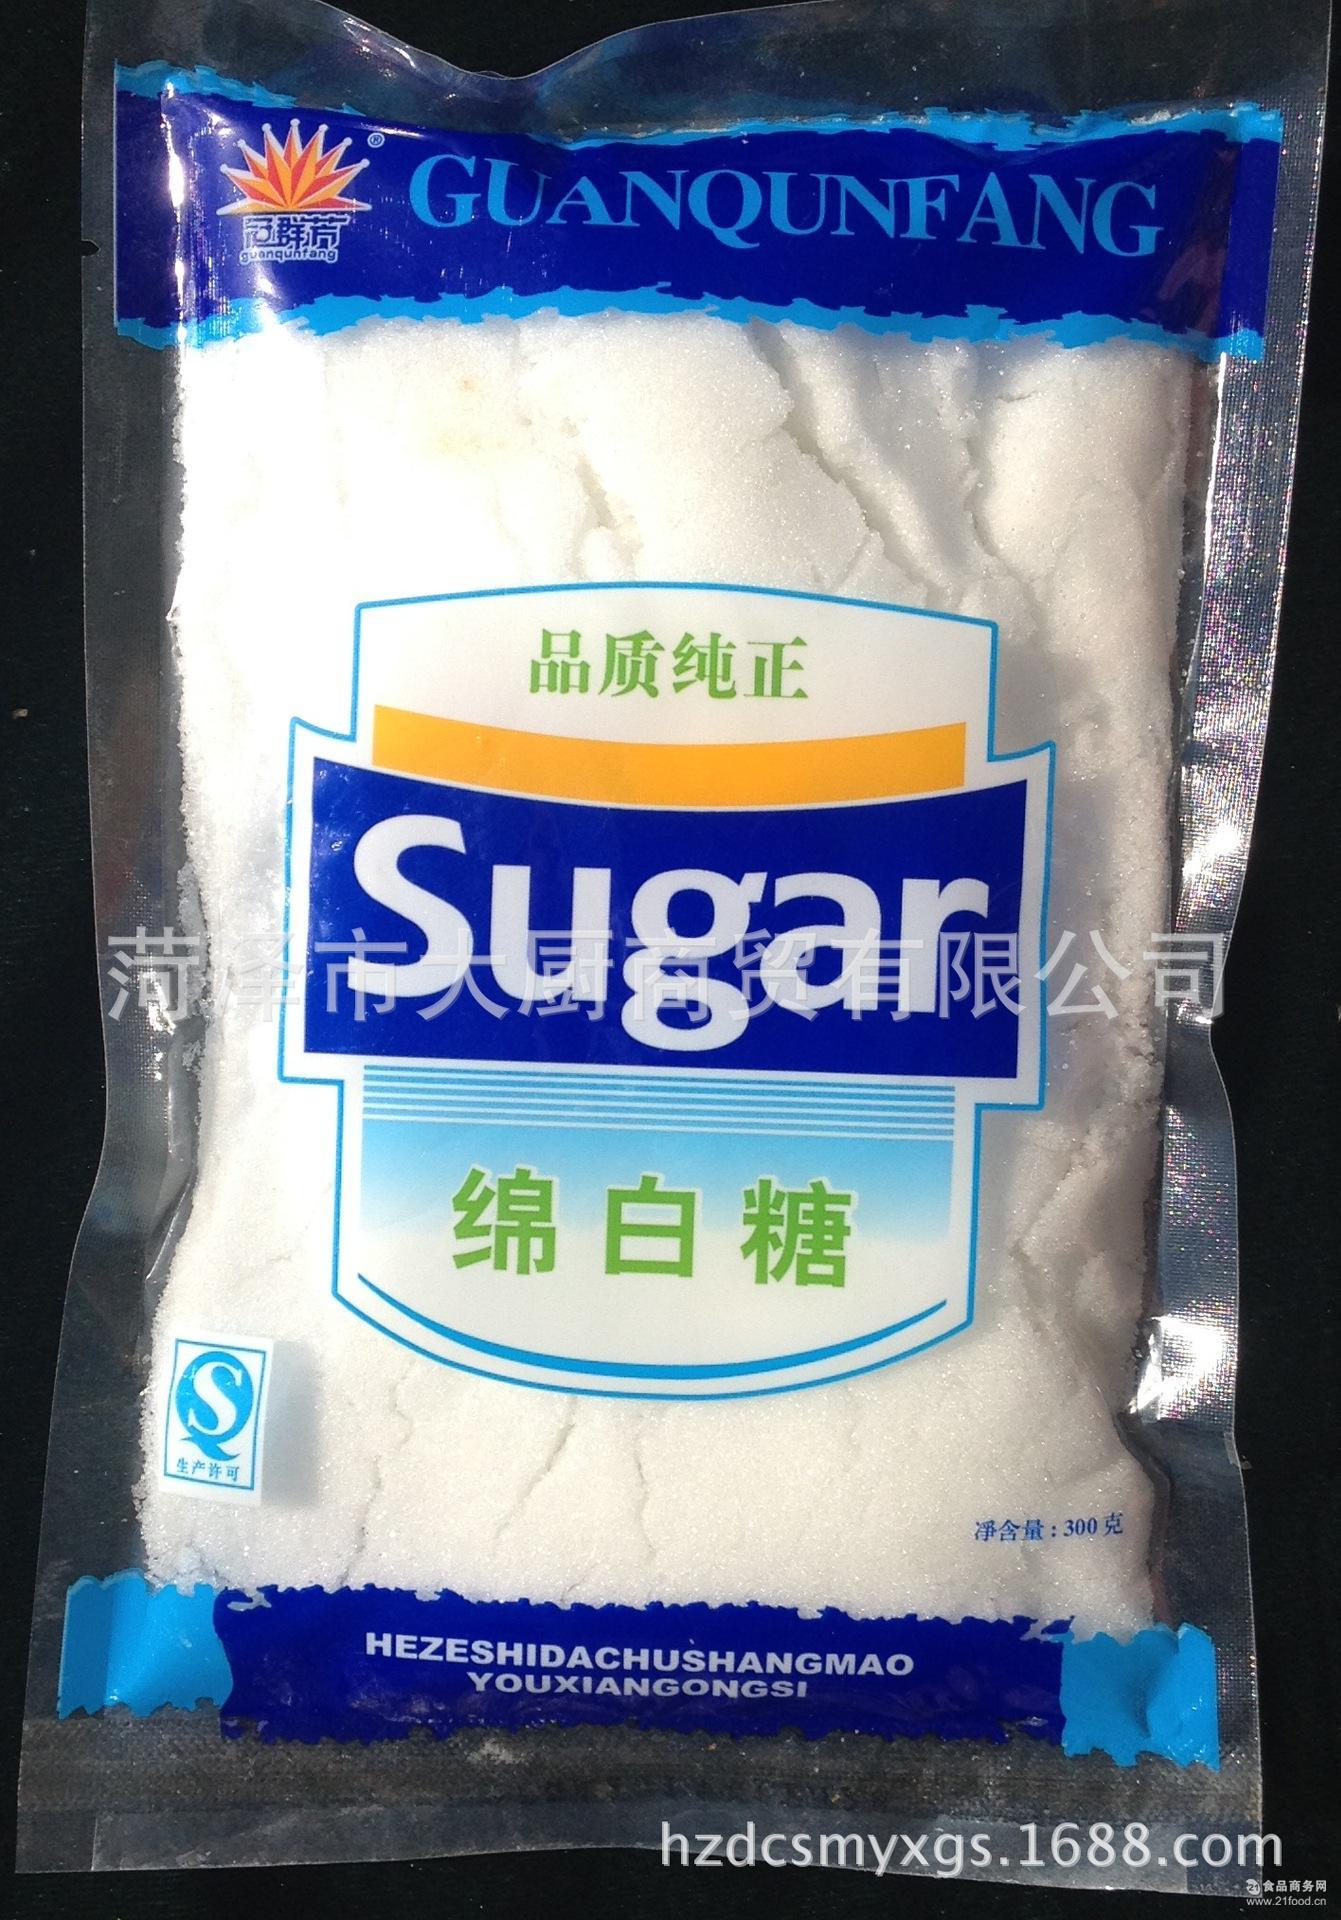 味道甜美 颗粒细腻 家庭* 厂家批发冠群芳300克绵白糖